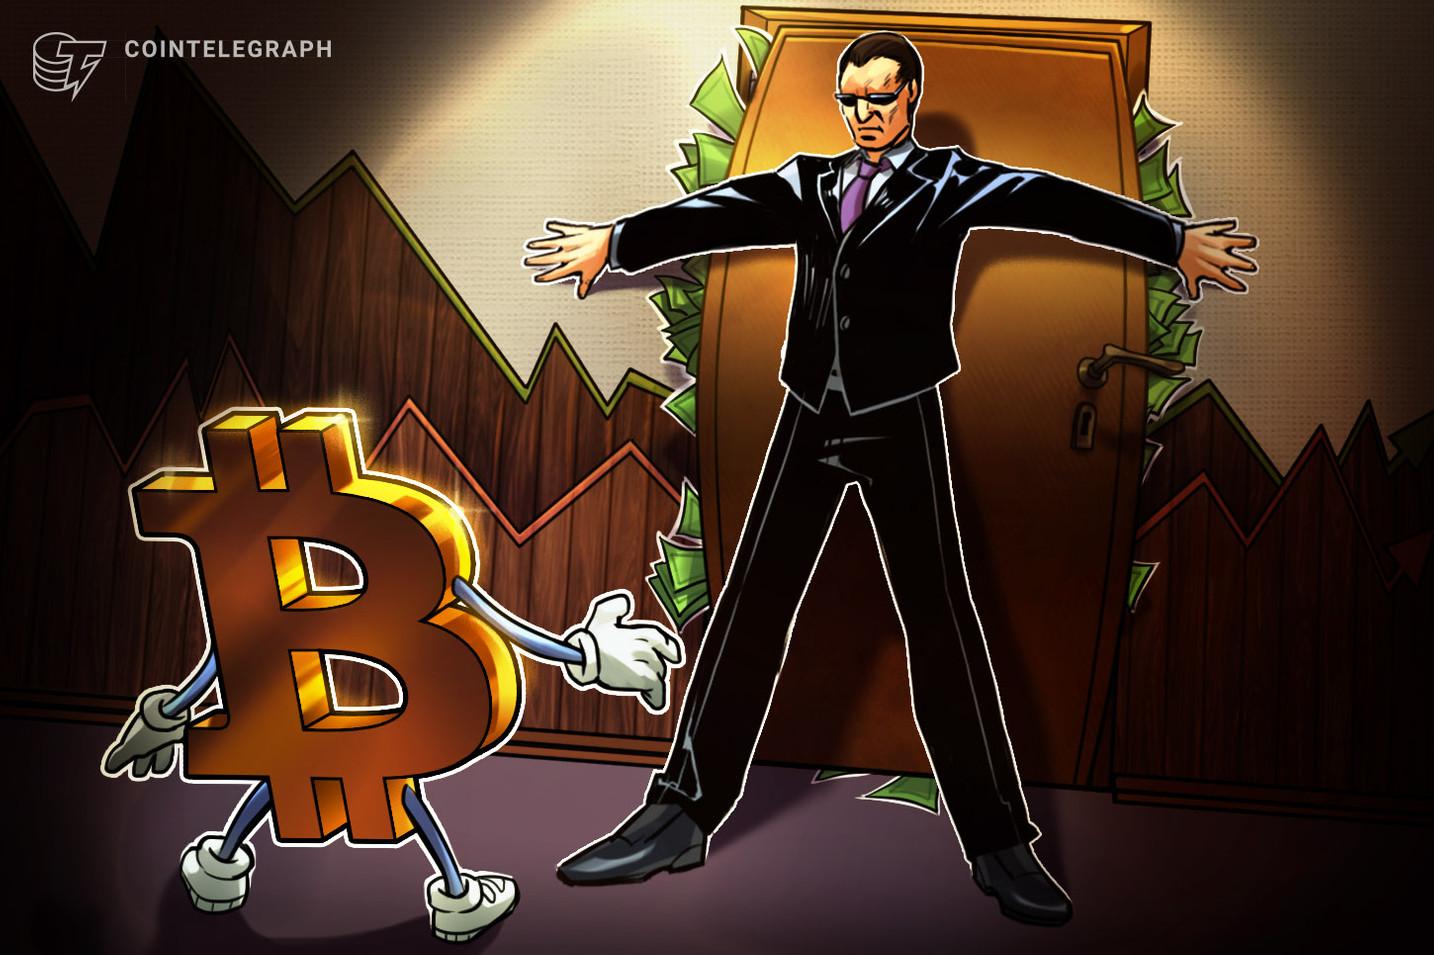 Bitcoin é 'uma oportunidade que o dinheiro fiduciário não pode comprar' ou é 'muito volátil para ter na carteiras de investimento'?